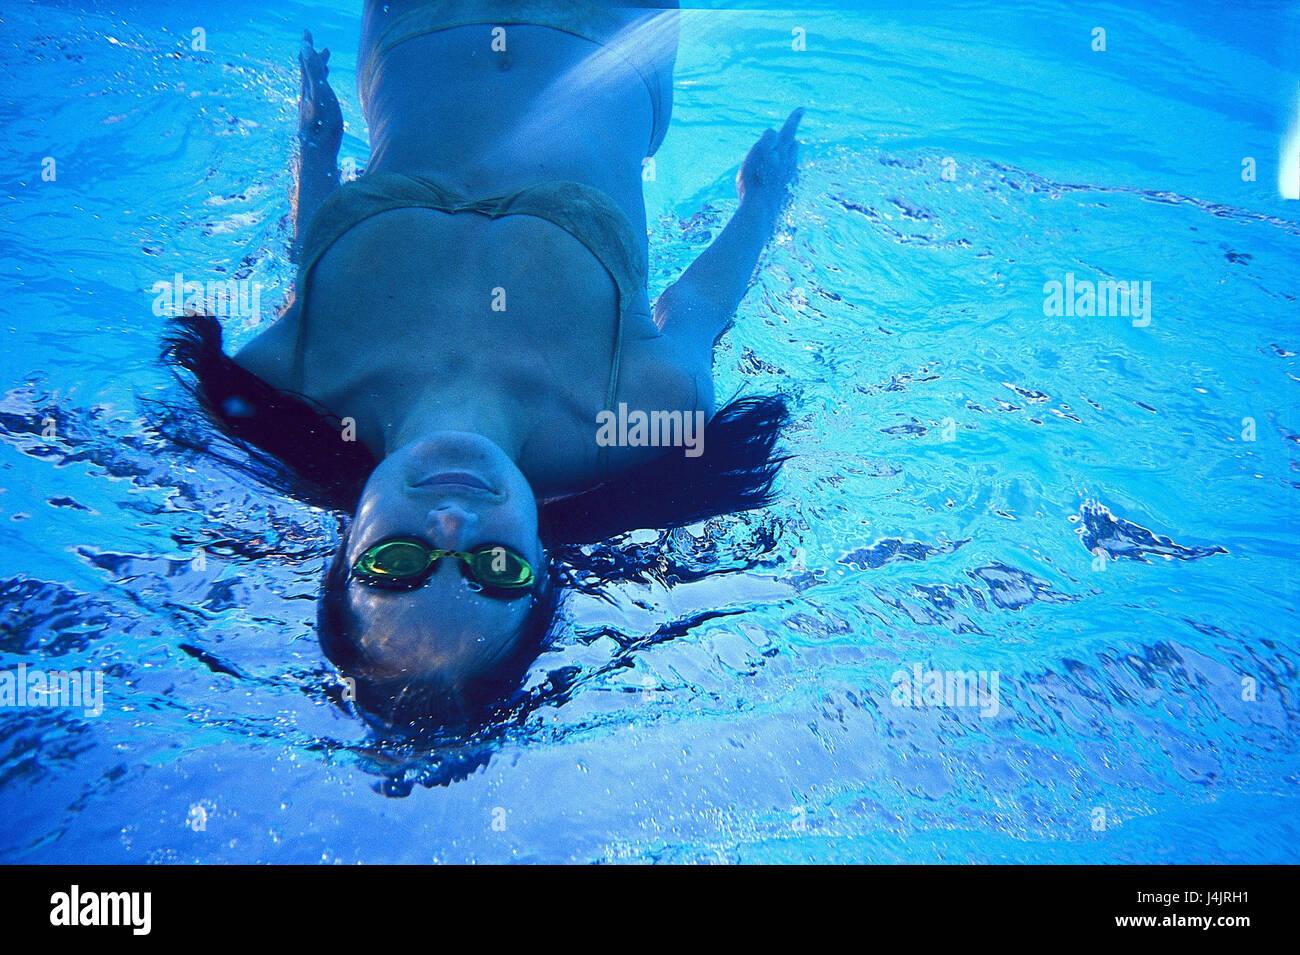 160ebba543 Piscina, registrazione subacquea, donna, nuotare sotto l'acqua, piscina,  piscina, piscina, giovani, vacanze, tempo libero, lifestyle, costumi da  bagno, ...